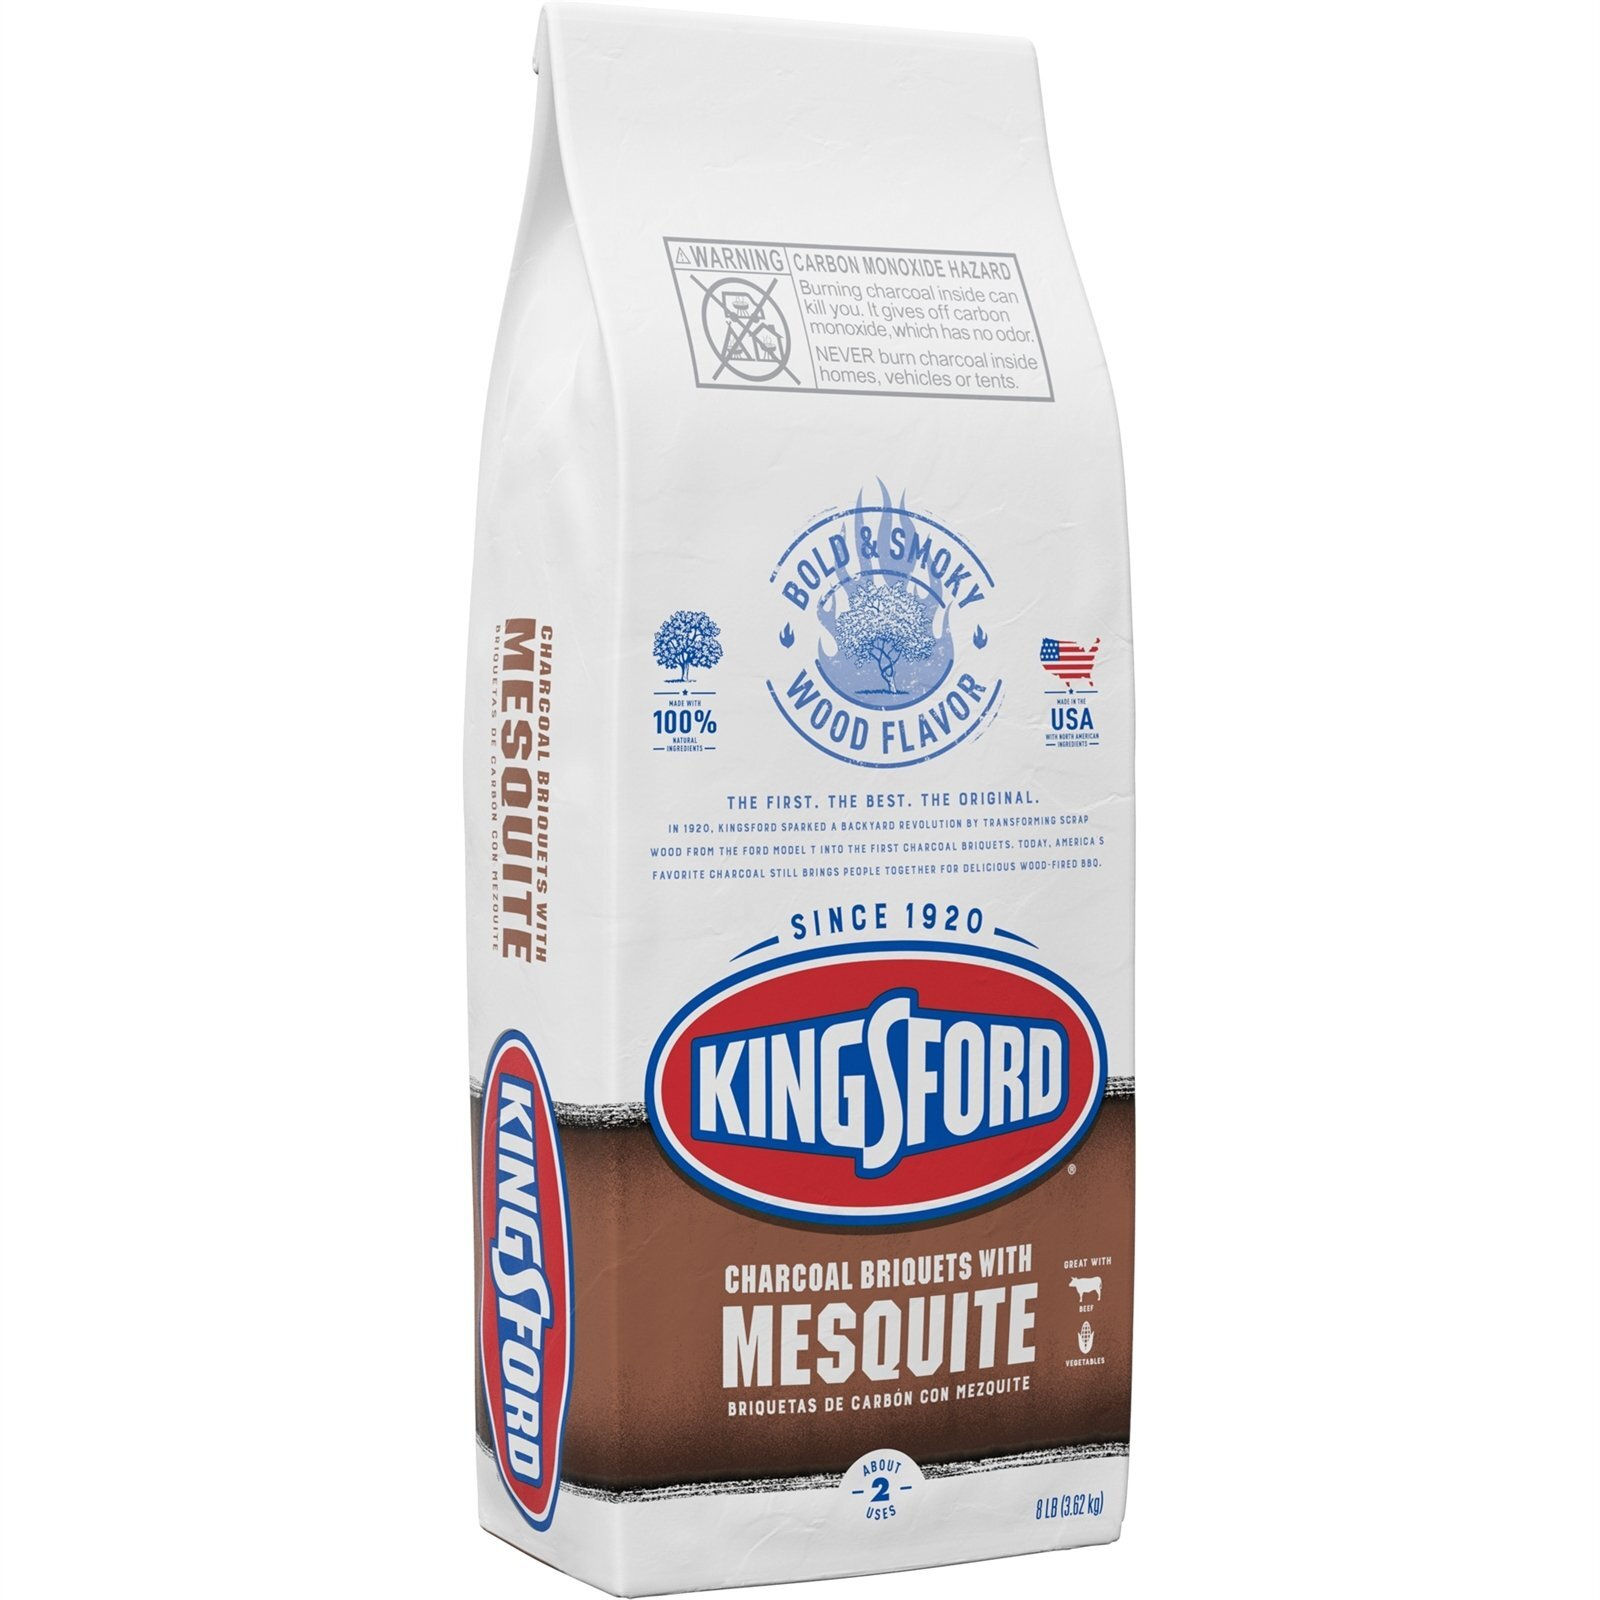 Kingsford 3.62kg Charcoal Briquettes - Mesquite 3.62kg